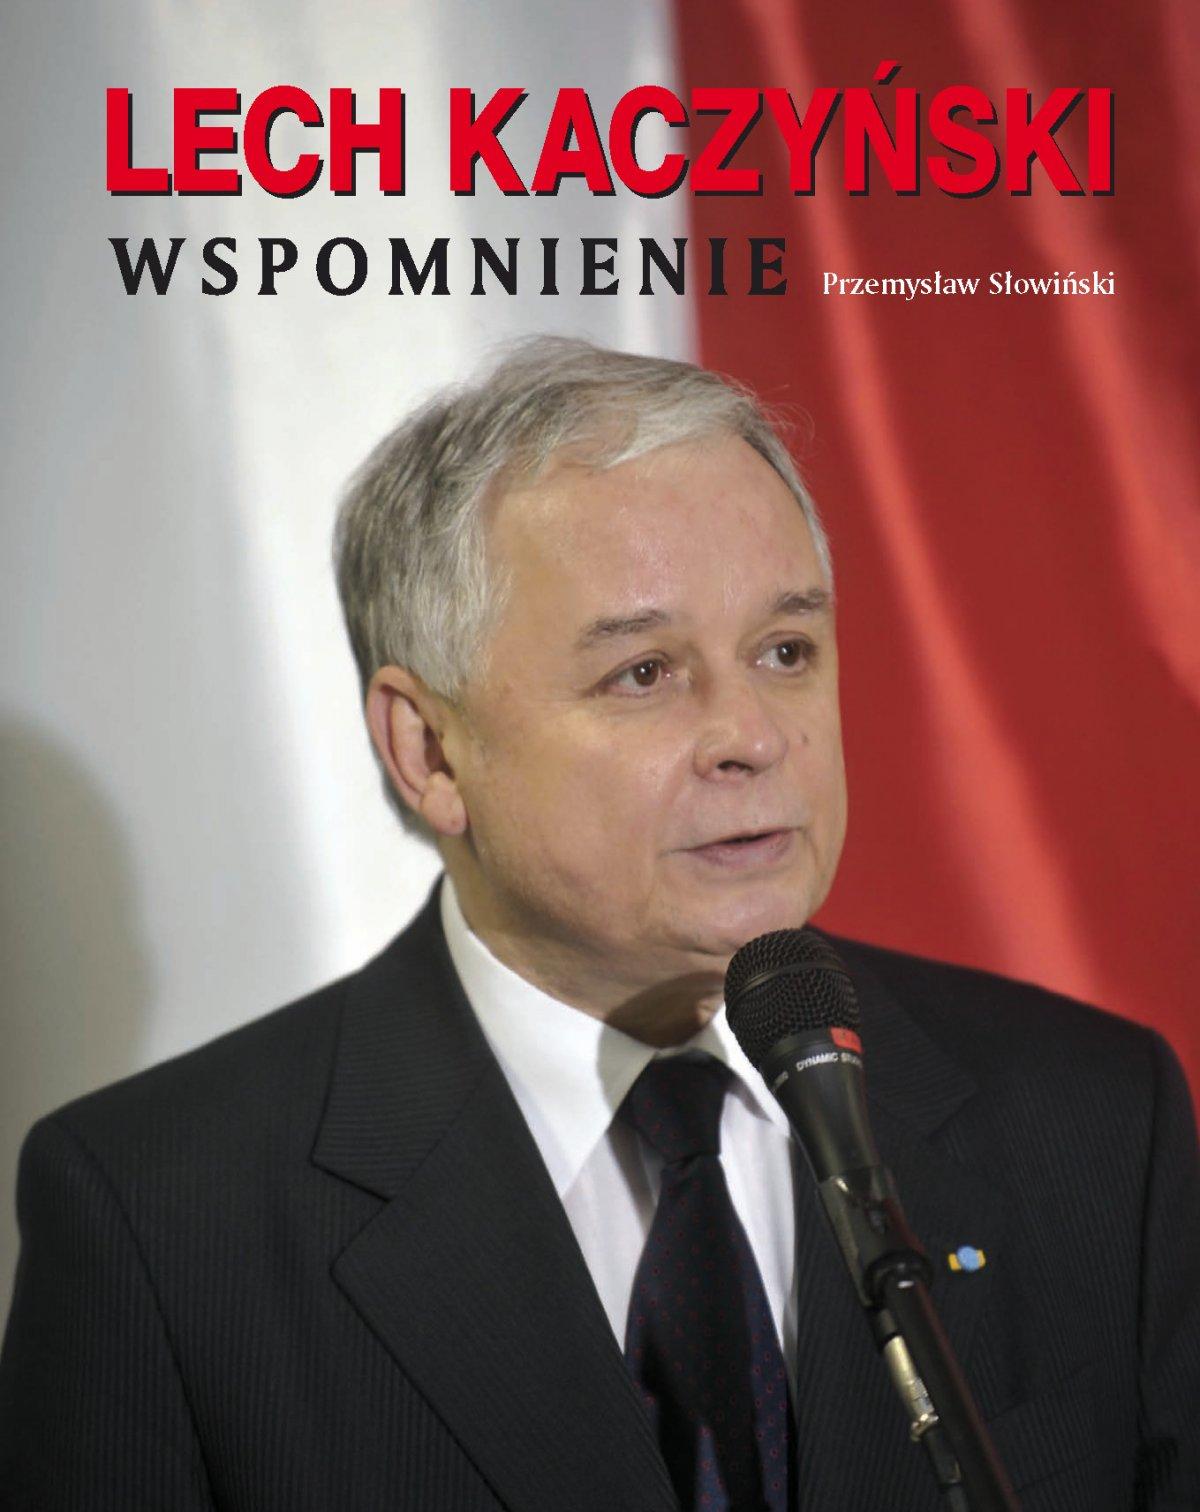 Lech Kaczyński. Wspomnienie - Ebook (Książka EPUB) do pobrania w formacie EPUB